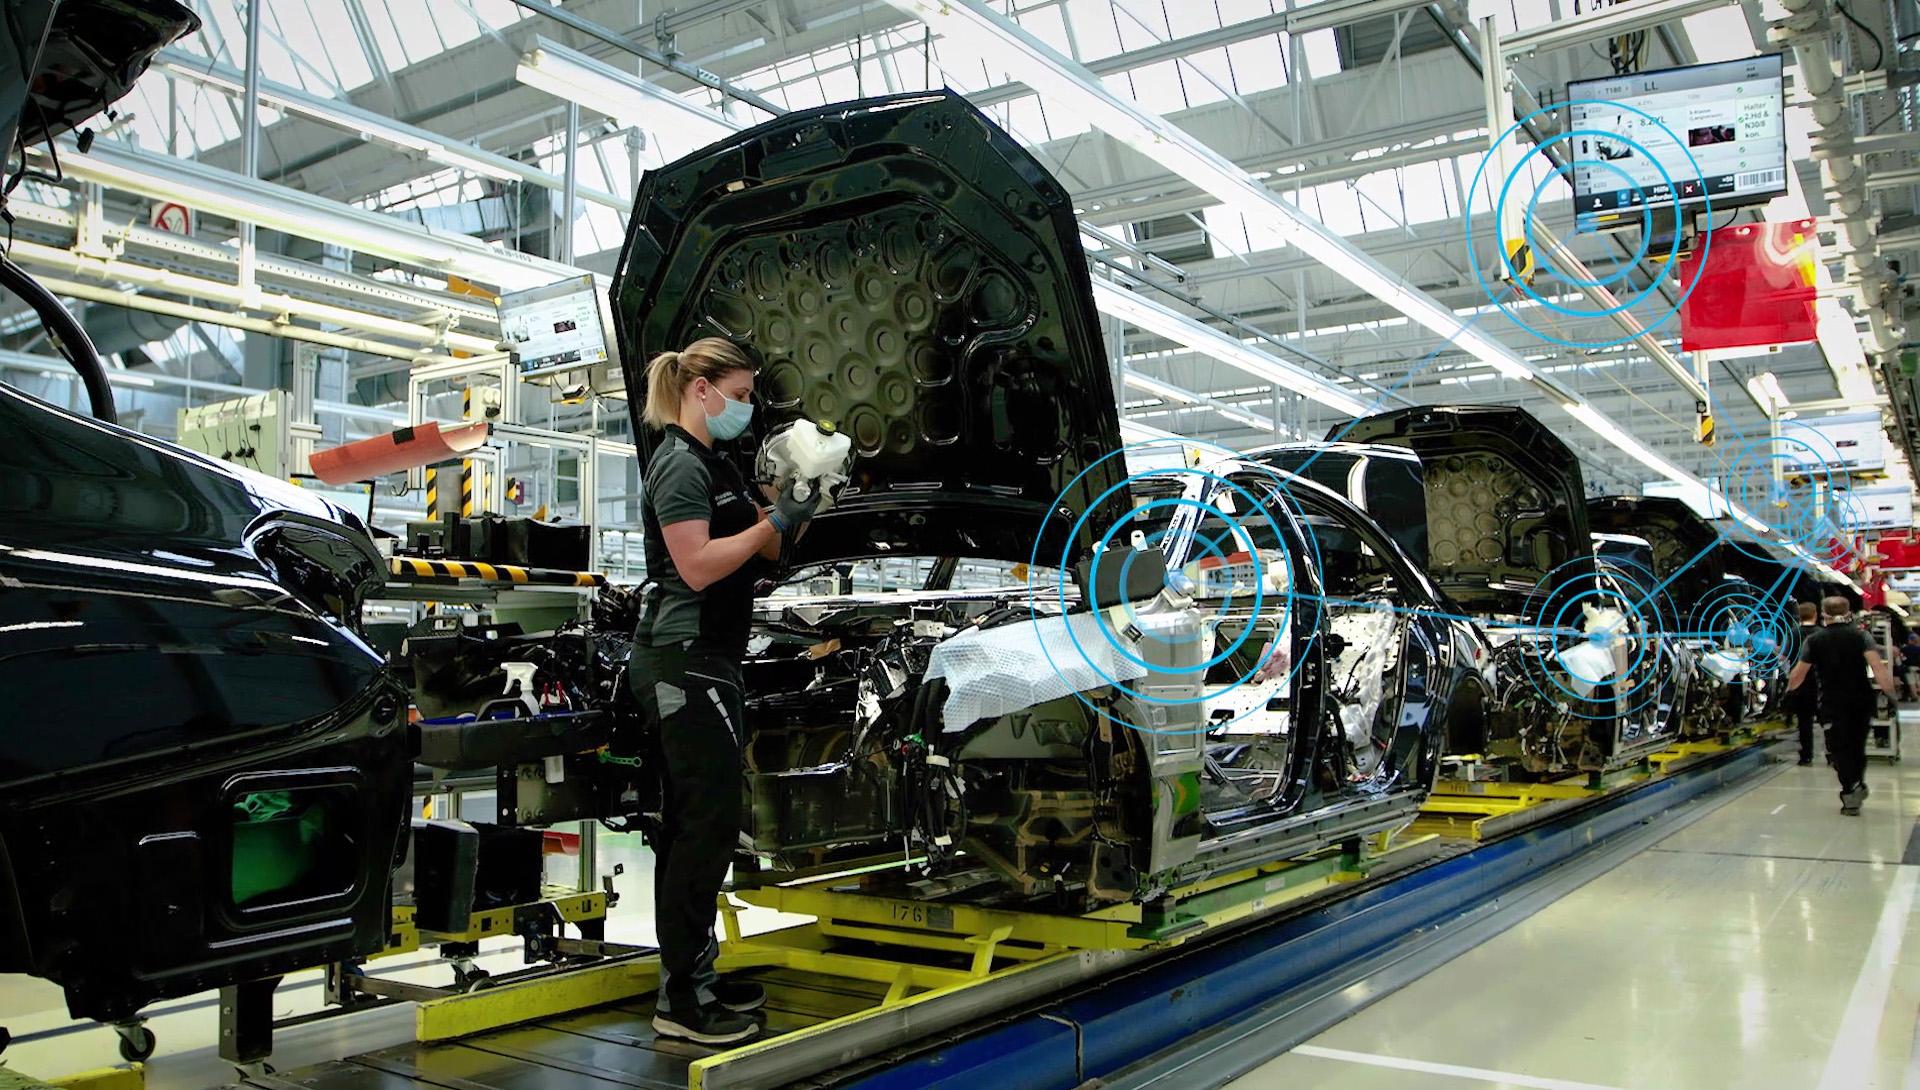 Digitales Mercedes-Benz Produktions-Ökosystem MO360: Qualitätsprüfung in der Linie (Bild: Daimler AG)